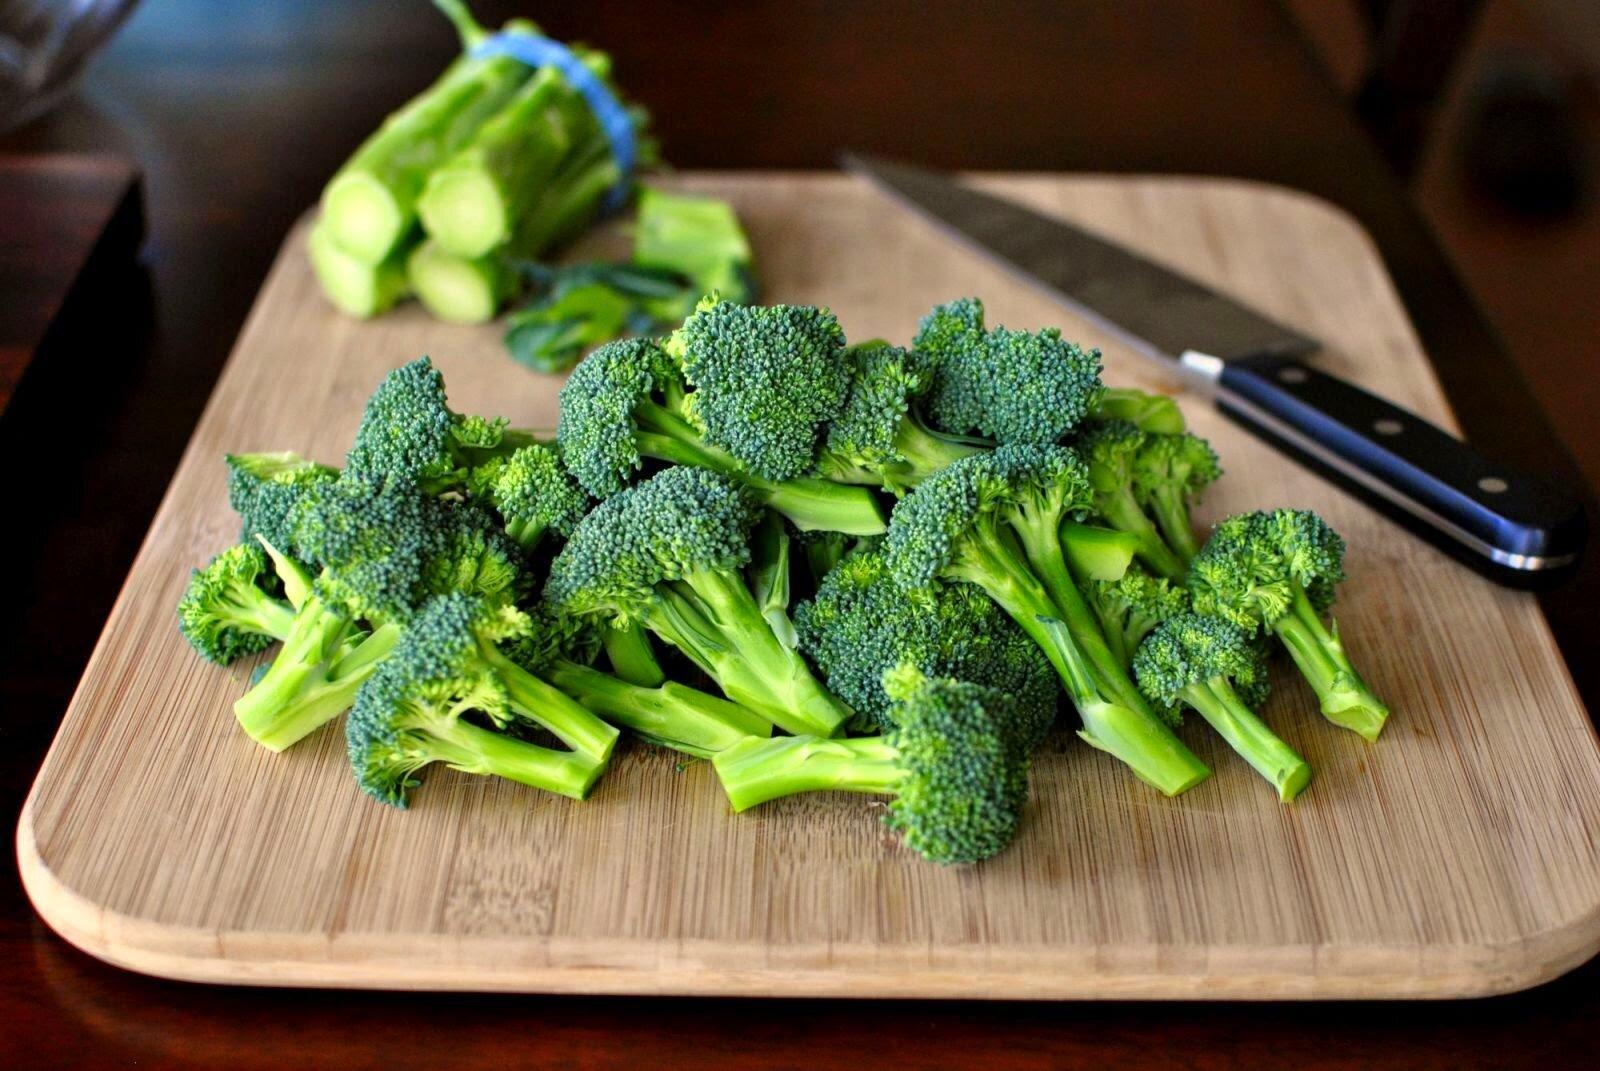 Lựa chọn bông cải xanh trong thực đơn hàng ngày sẽ giúp sức khỏe được cải thiện hơn